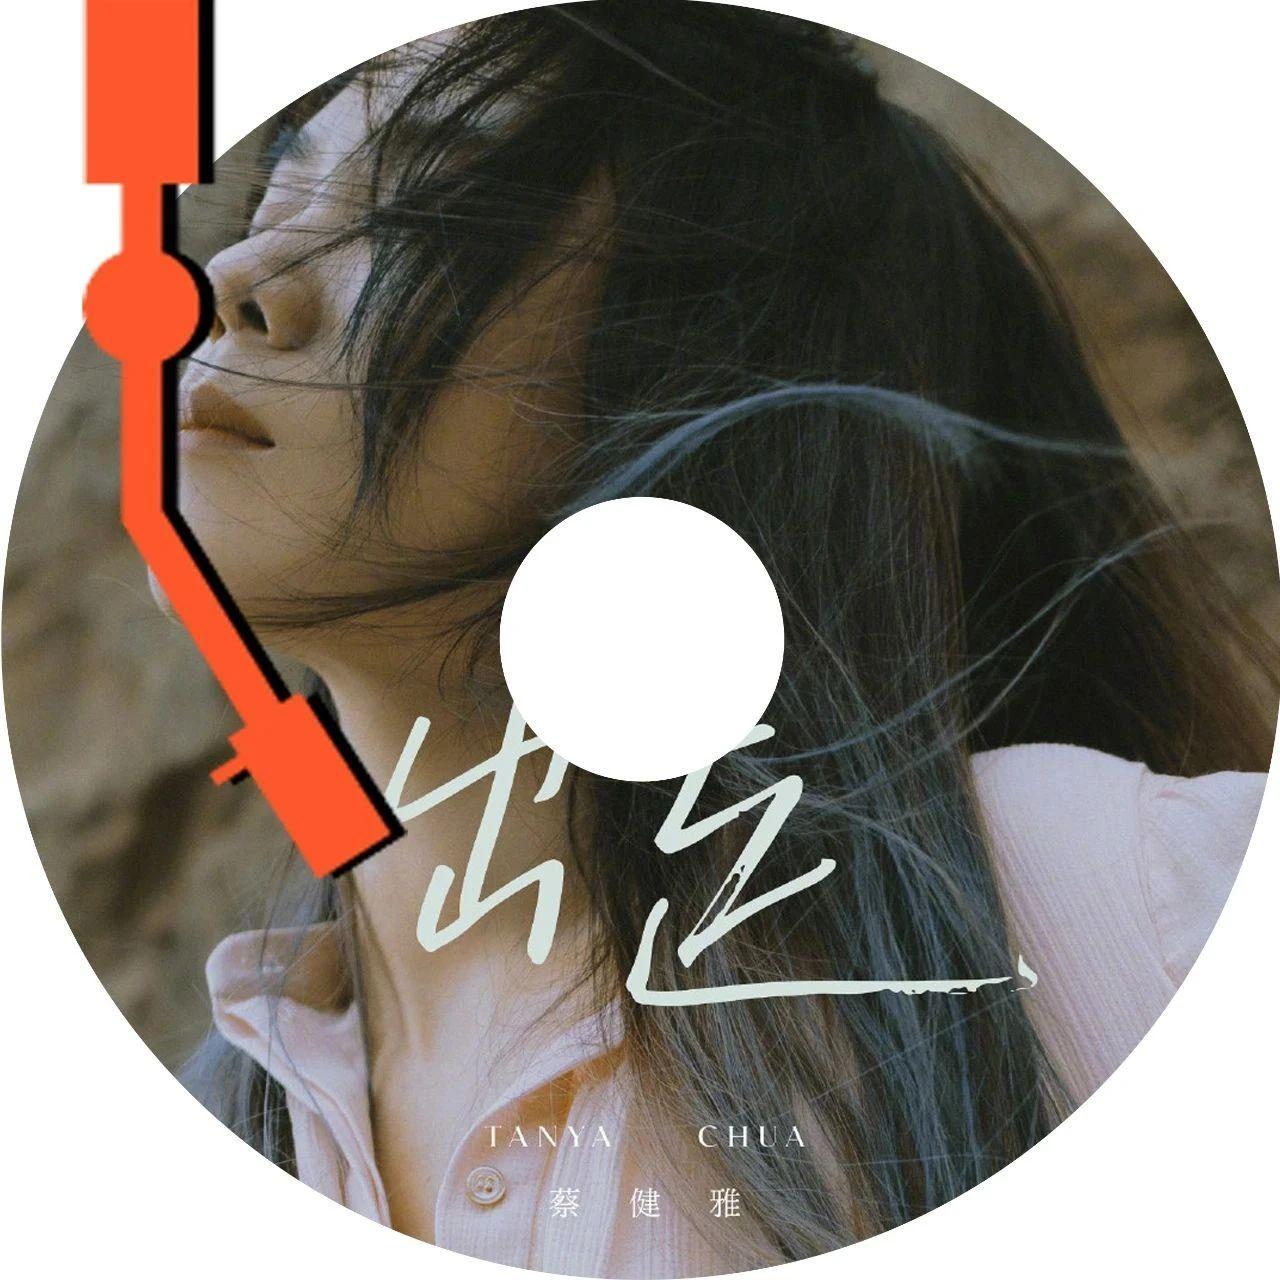 蔡健雅 2021 年新专辑首支歌曲发布